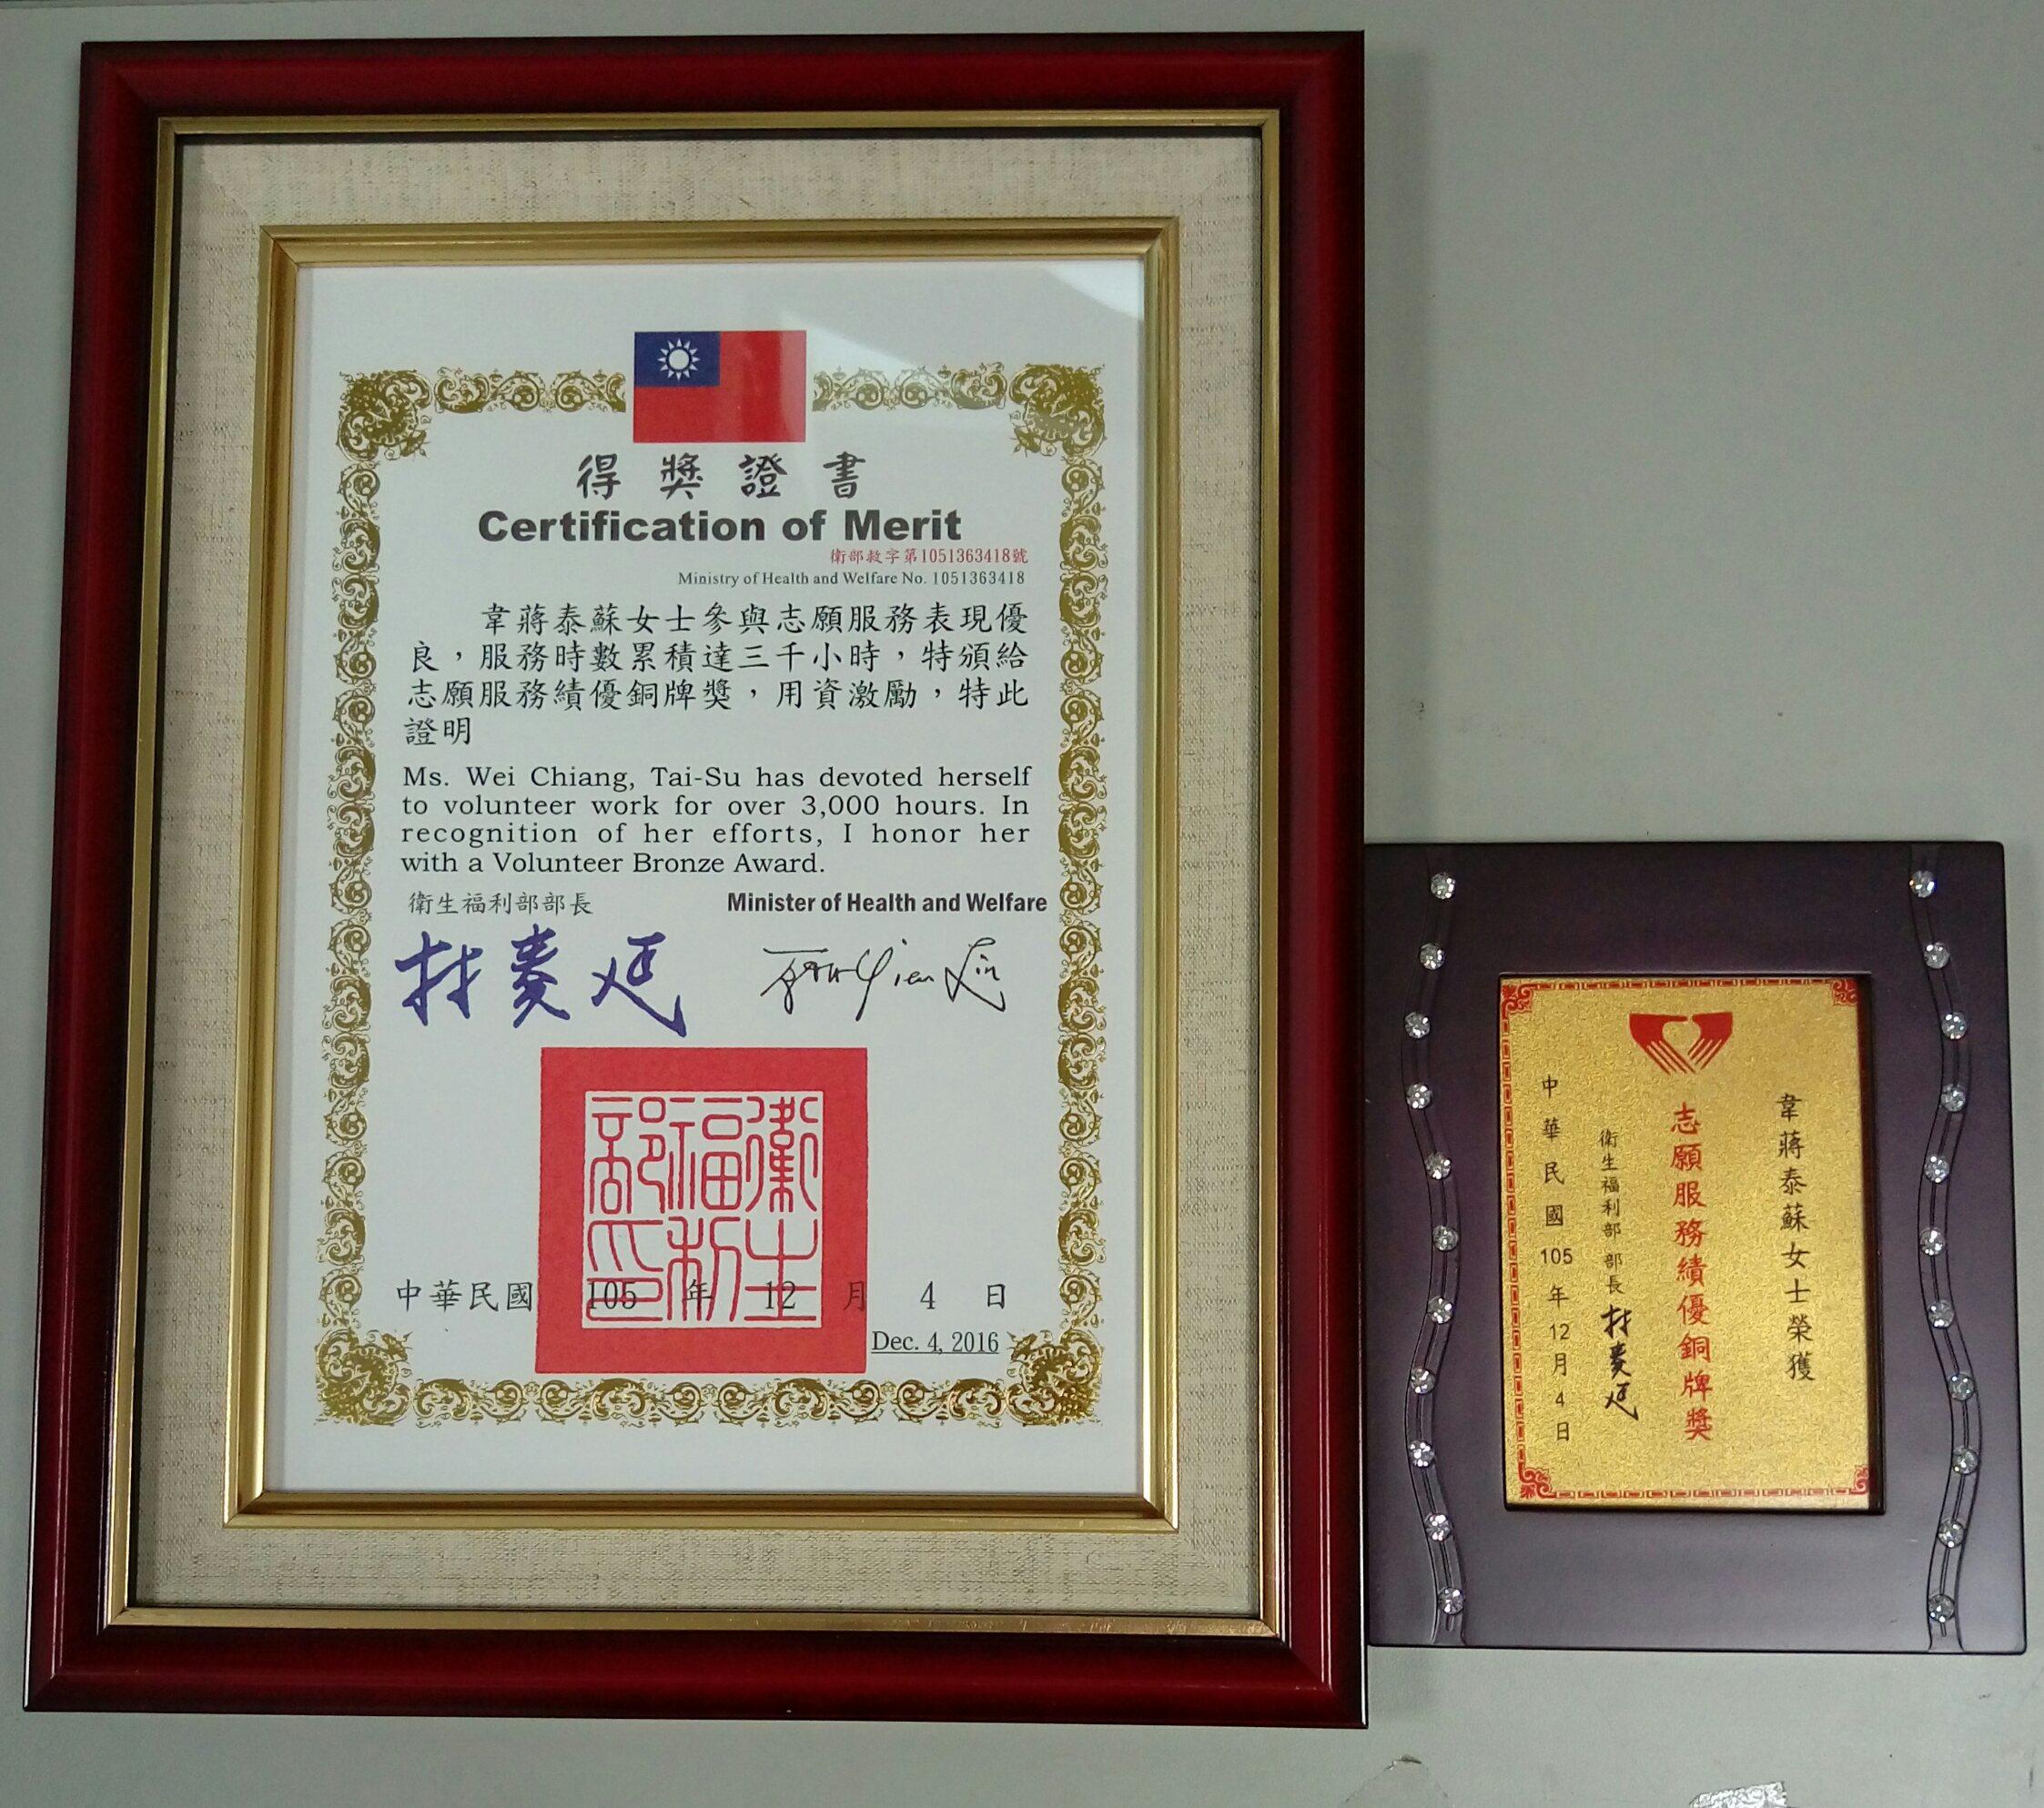 恭賀中心志工韋蔣泰蘇女士、林金水先生榮獲105年度衛生福利部志願服務績優銅牌獎。